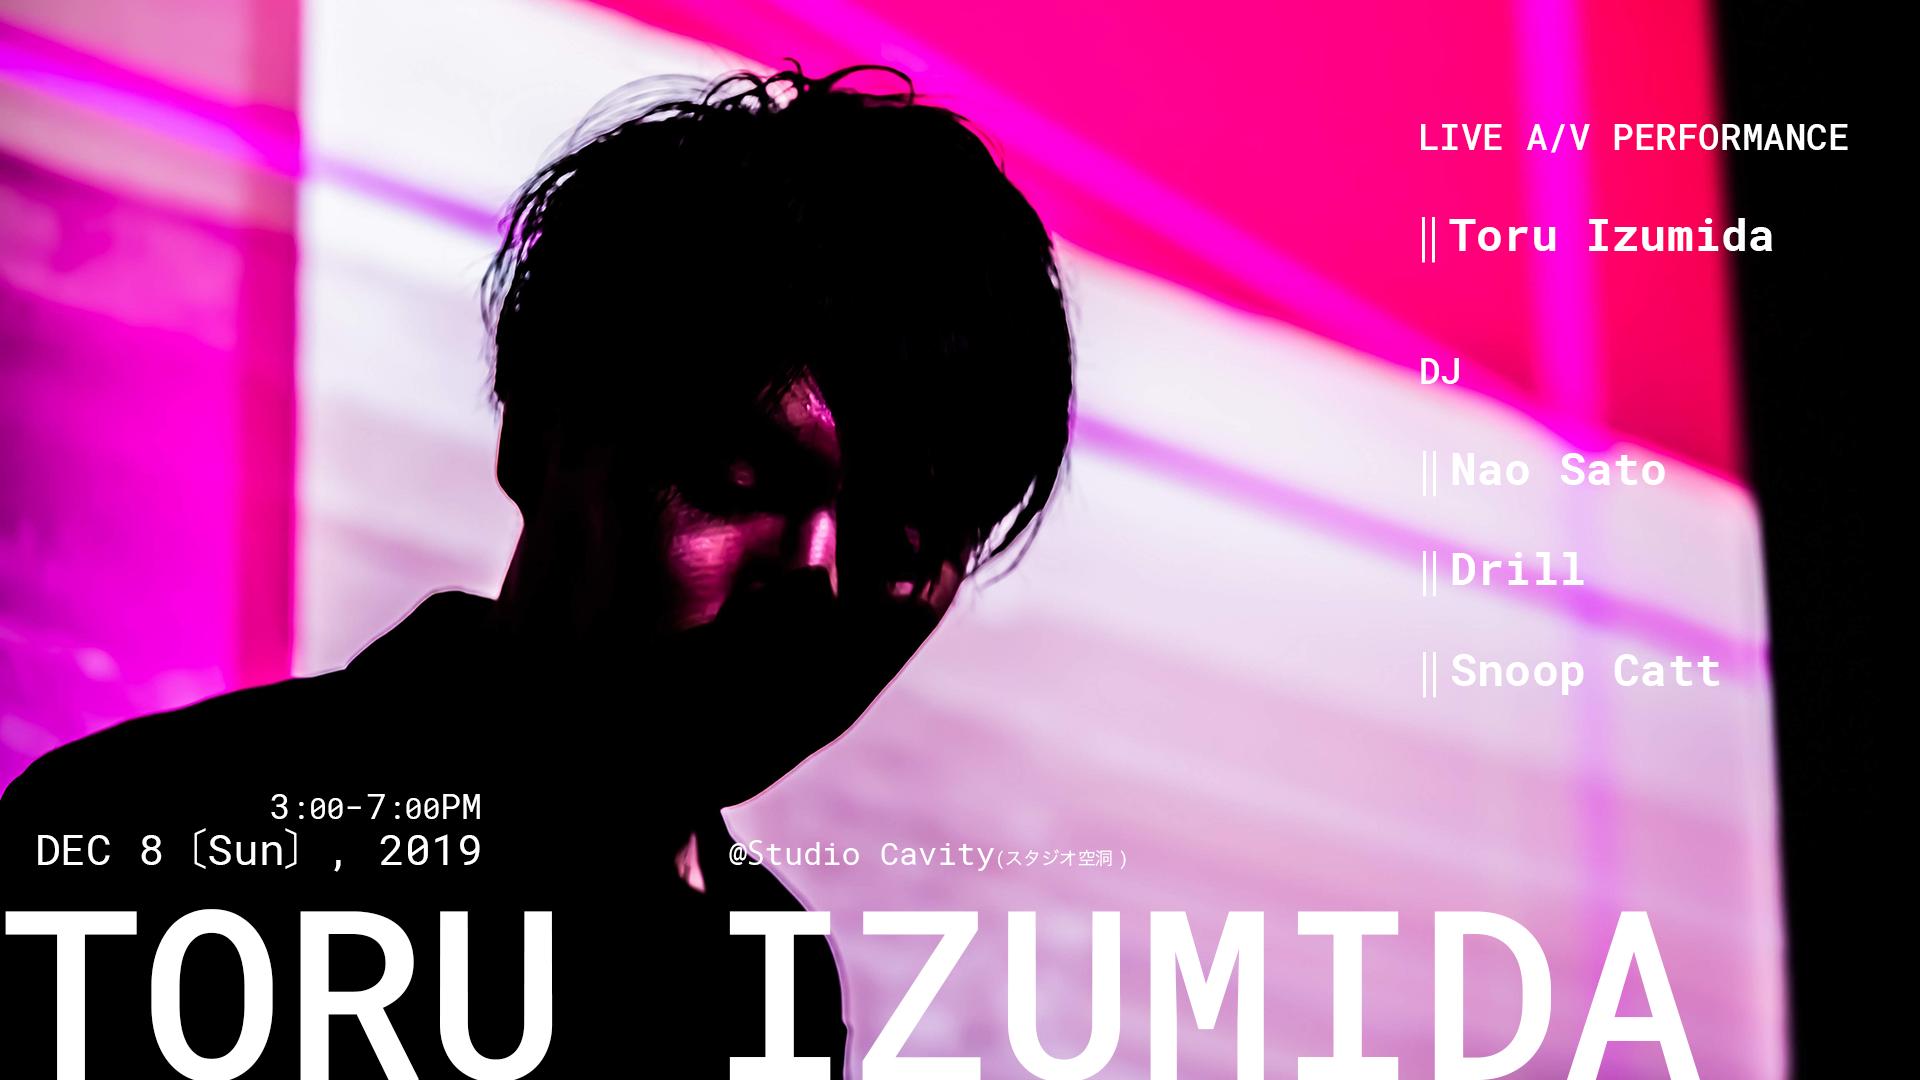 Toru Izumida - Live A/V Performance